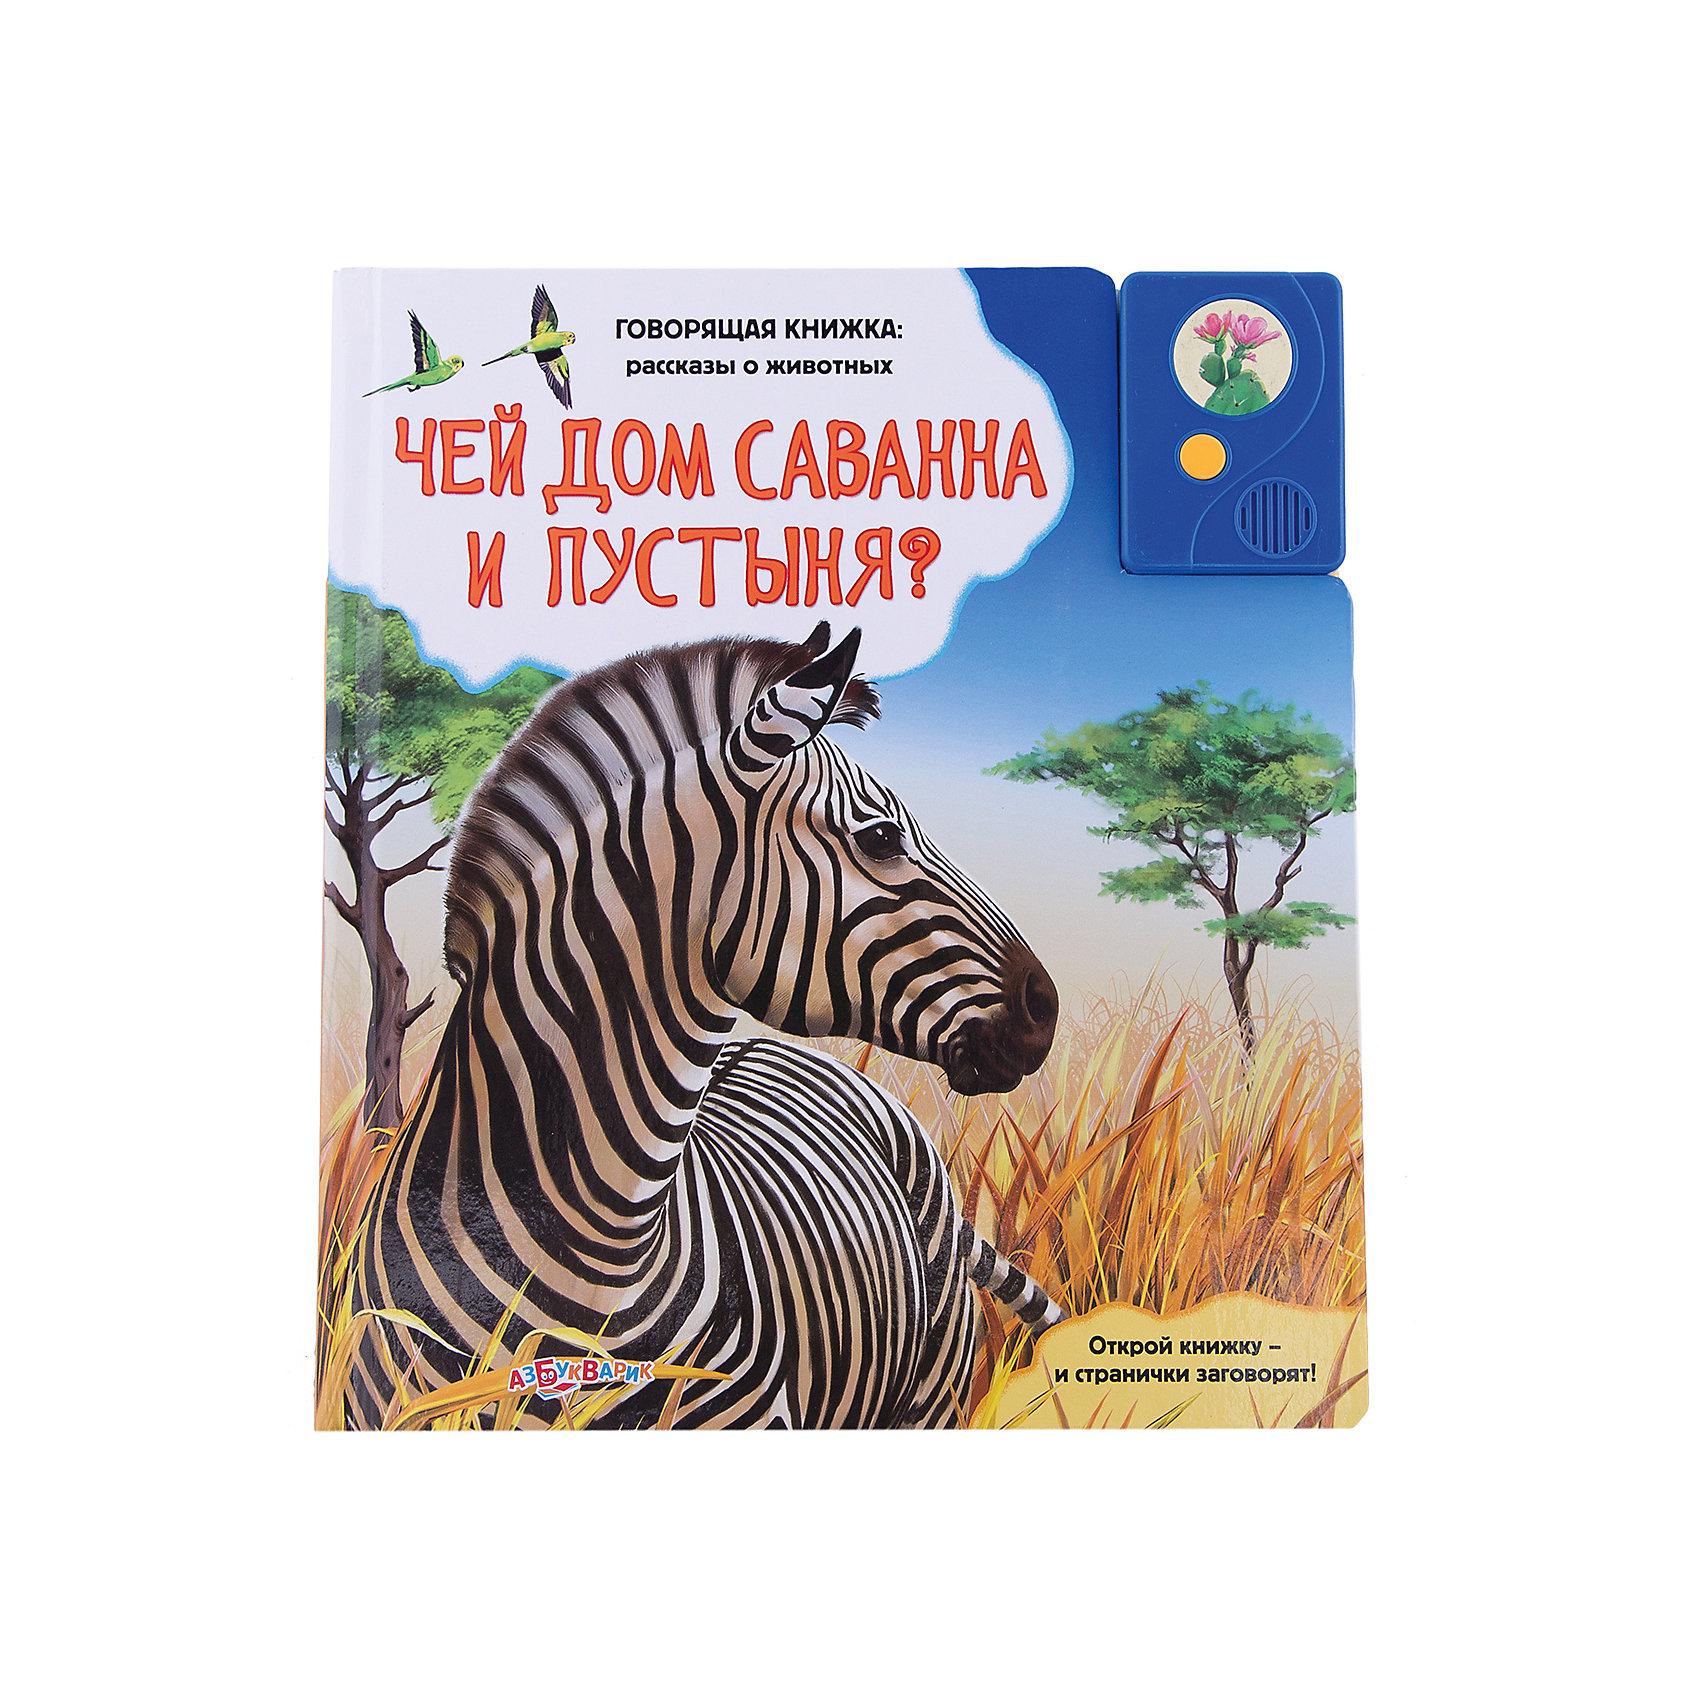 Чей дом саванна и пустыня?Говорящие книги<br>Эта яркая книжка со звуковым модулем обязательно понравится ребенку и надолго увлечет его. Красочные иллюстрации и разнообразные звуки расскажут маленьким почемучкам о животных саванны и пустыни.<br>Плотная обложка и картонные страницы идеально подойдут даже для самых юных и активных читателей. <br><br>Дополнительная информация:<br><br>- Формат: 21х24 см.<br>- Количество страниц: 16.<br>- Переплет: твердый.<br>- Иллюстрации: цветные.<br>- Плотные картонные страницы. <br>- Звуковой модуль. <br>- Элемент питания: батарейки (AG13/LR44), в комплекте. <br><br>Книгу со звуковым модулем  Чей дом саванна и пустыня? можно купить в нашем магазине.<br><br>Ширина мм: 21<br>Глубина мм: 24<br>Высота мм: 21<br>Вес г: 545<br>Возраст от месяцев: 24<br>Возраст до месяцев: 48<br>Пол: Унисекс<br>Возраст: Детский<br>SKU: 4951763